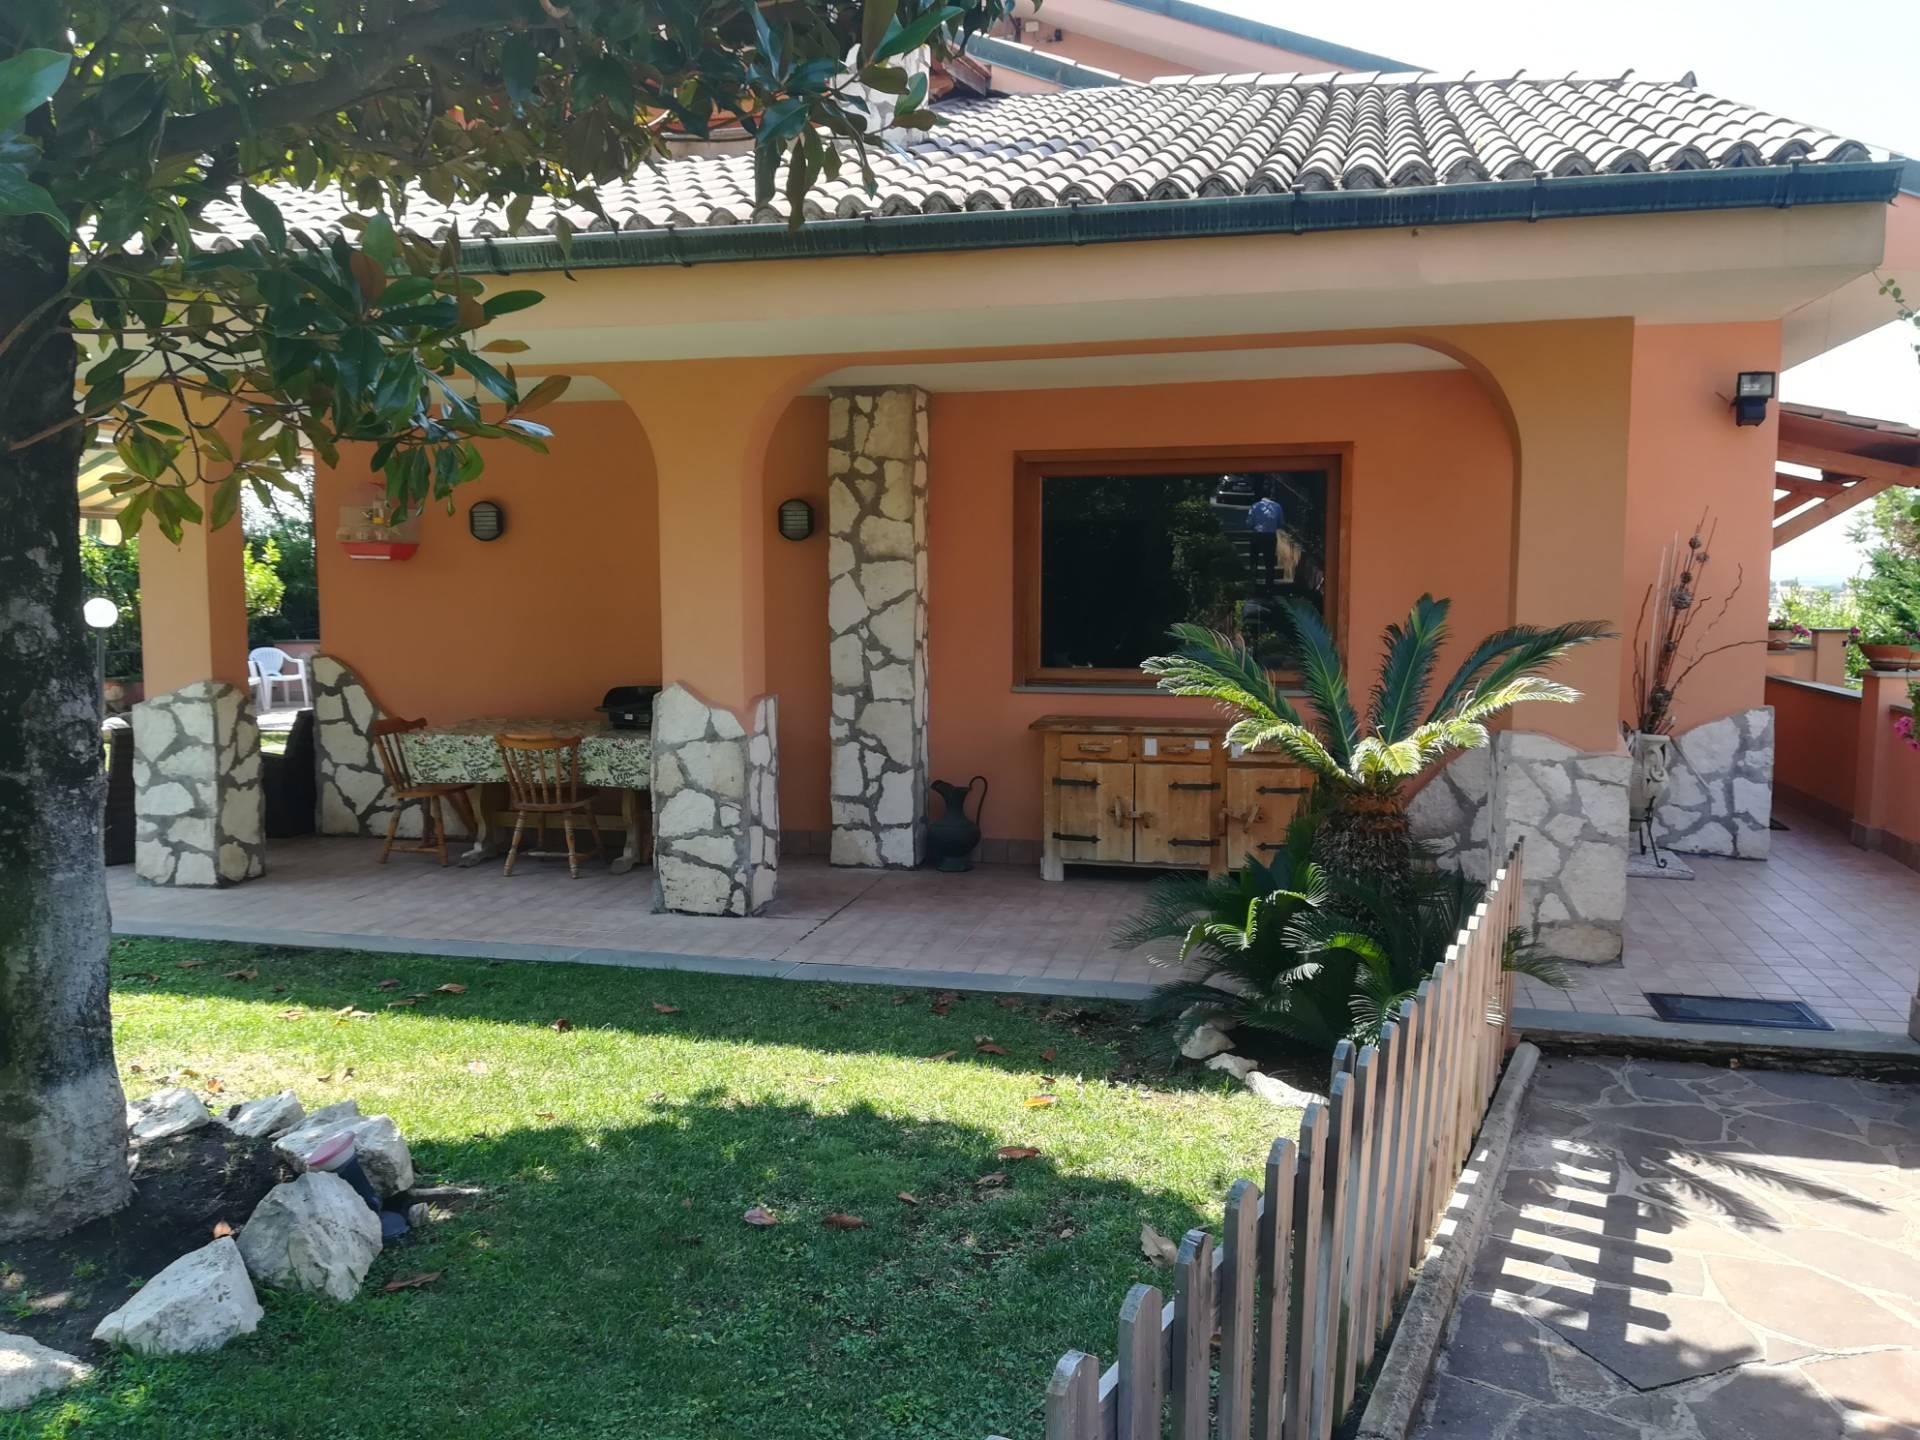 Villa Bifamiliare in vendita a Guidonia Montecelio, 9 locali, zona Località: ParcoAzzurro, prezzo € 398.000 | CambioCasa.it